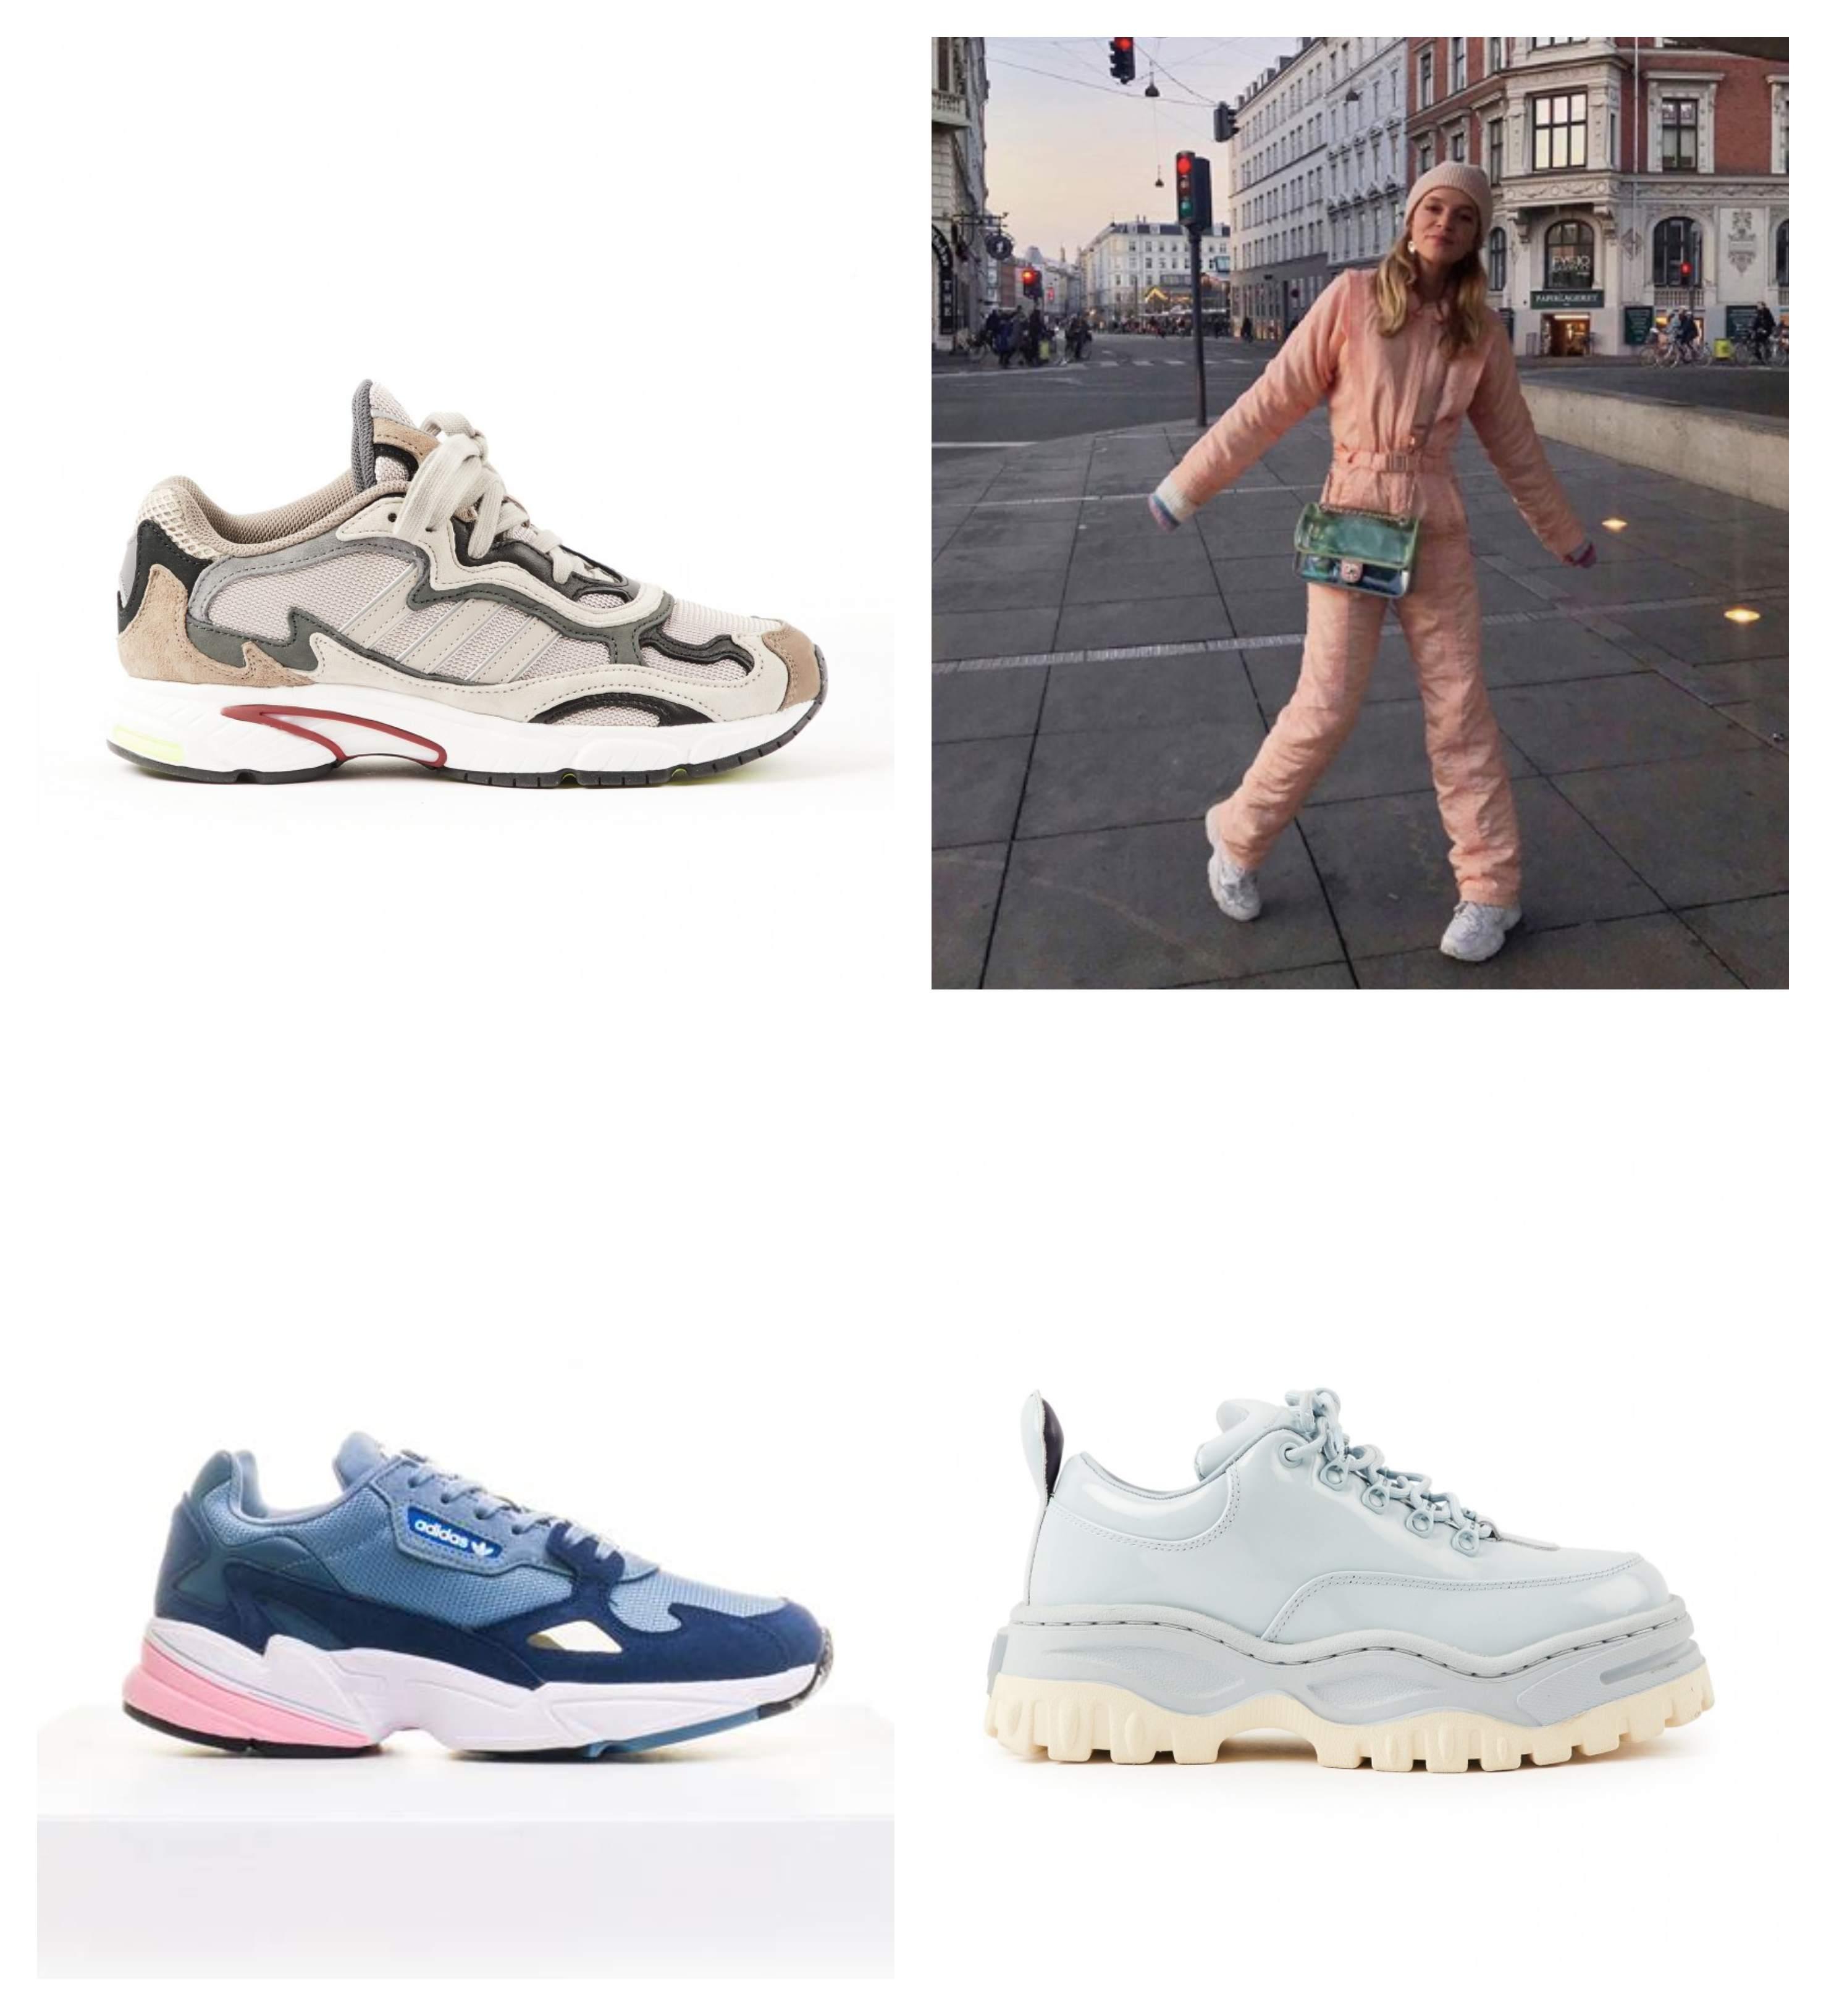 Tre par trendy joggesko, og et bilde av en kvinne iført jumpsuit og joggesko